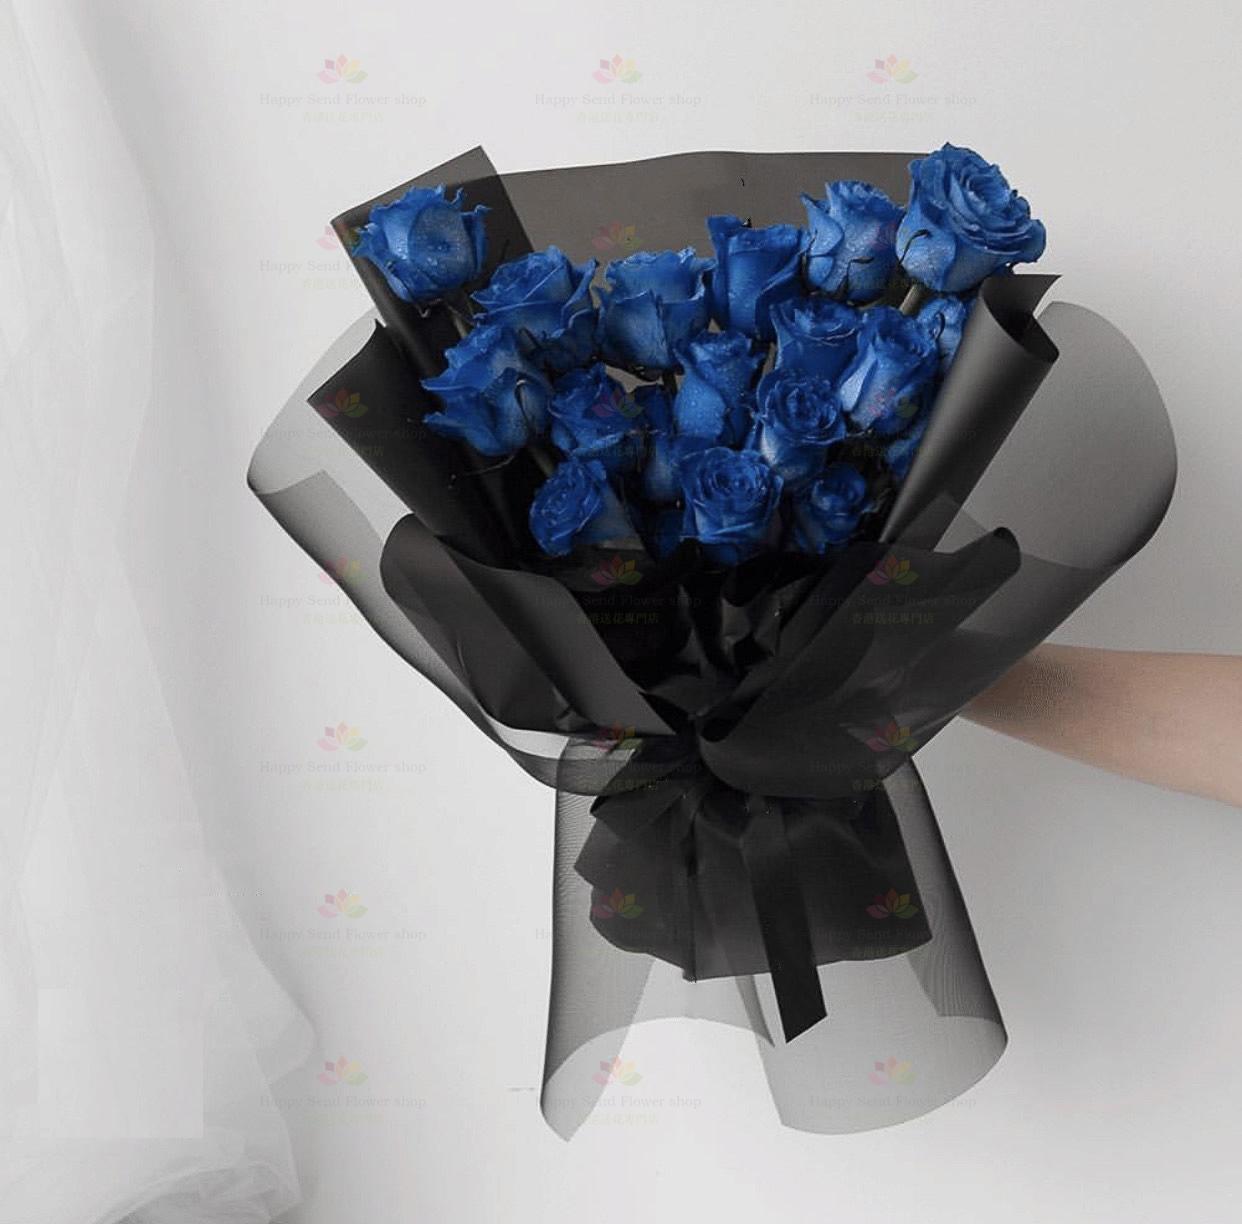 愛情故事(18枝深藍玫瑰)